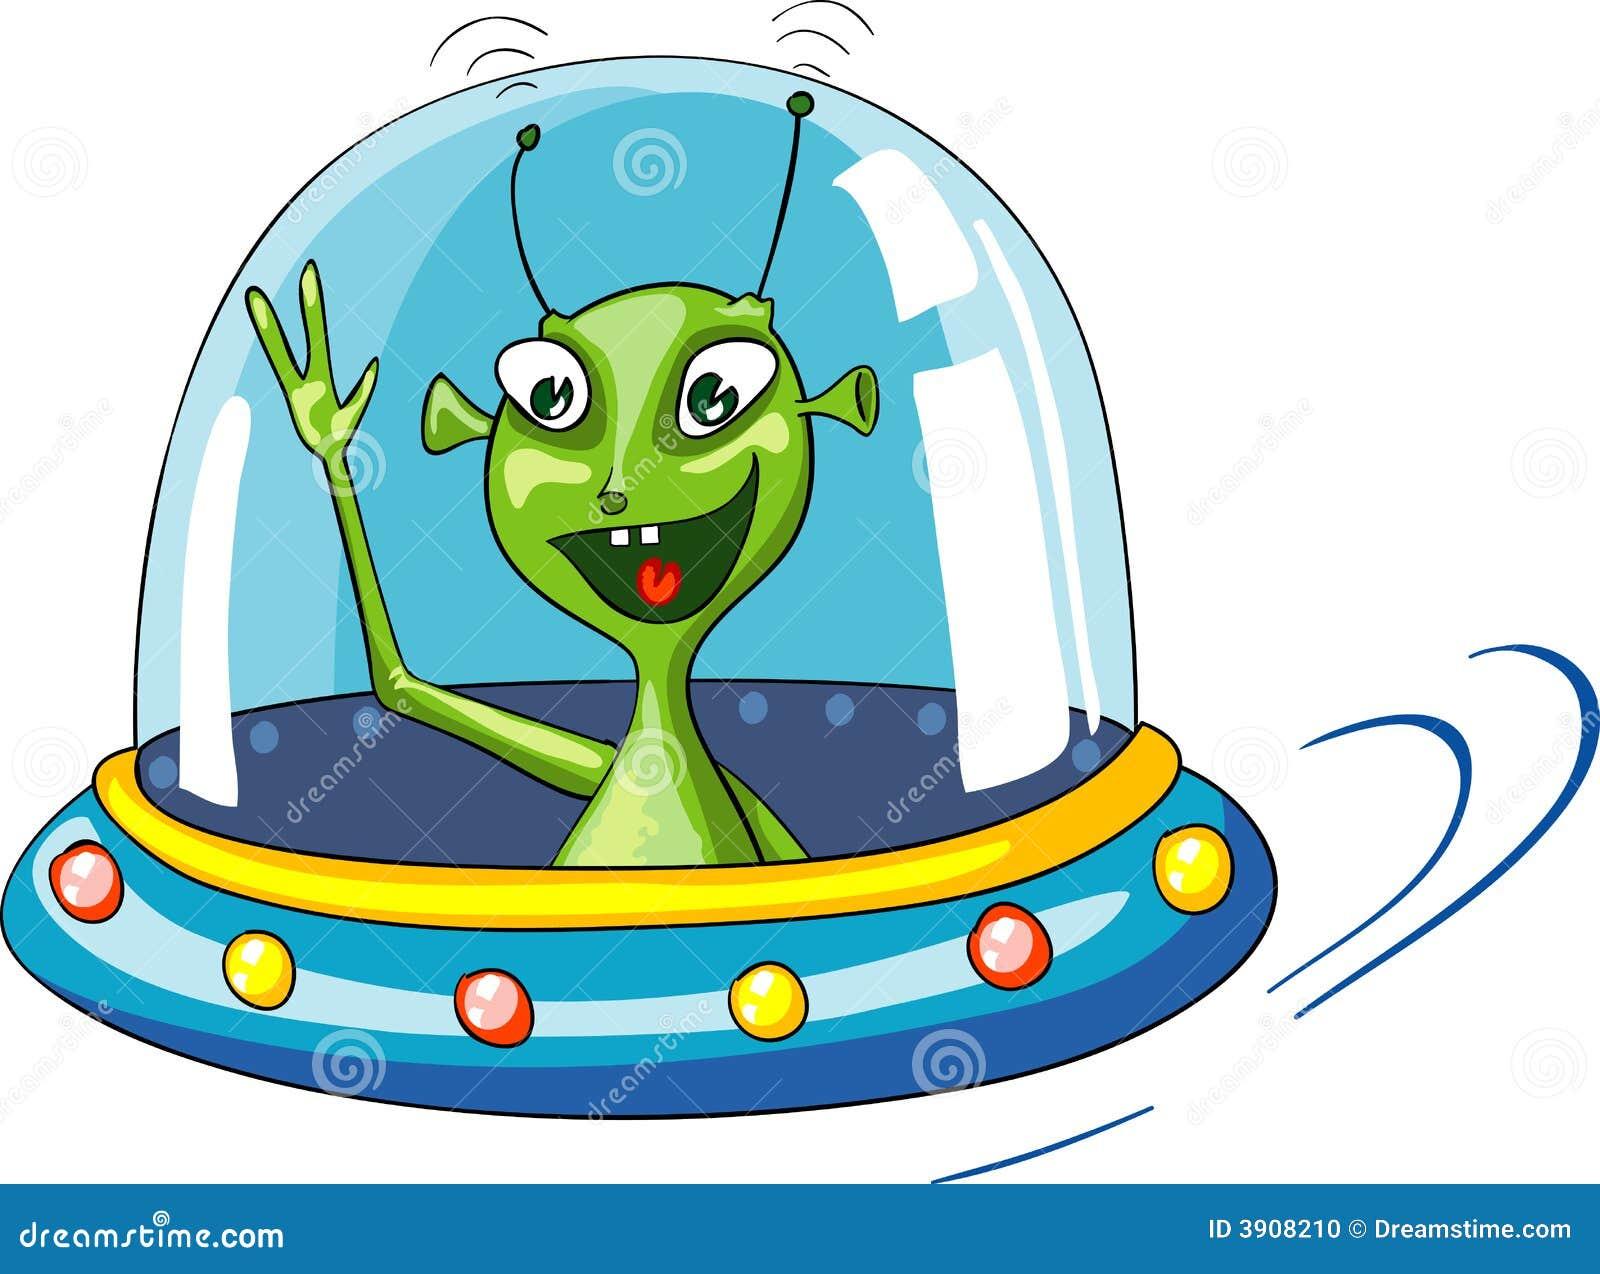 Green Martian, The - Dreams Come True